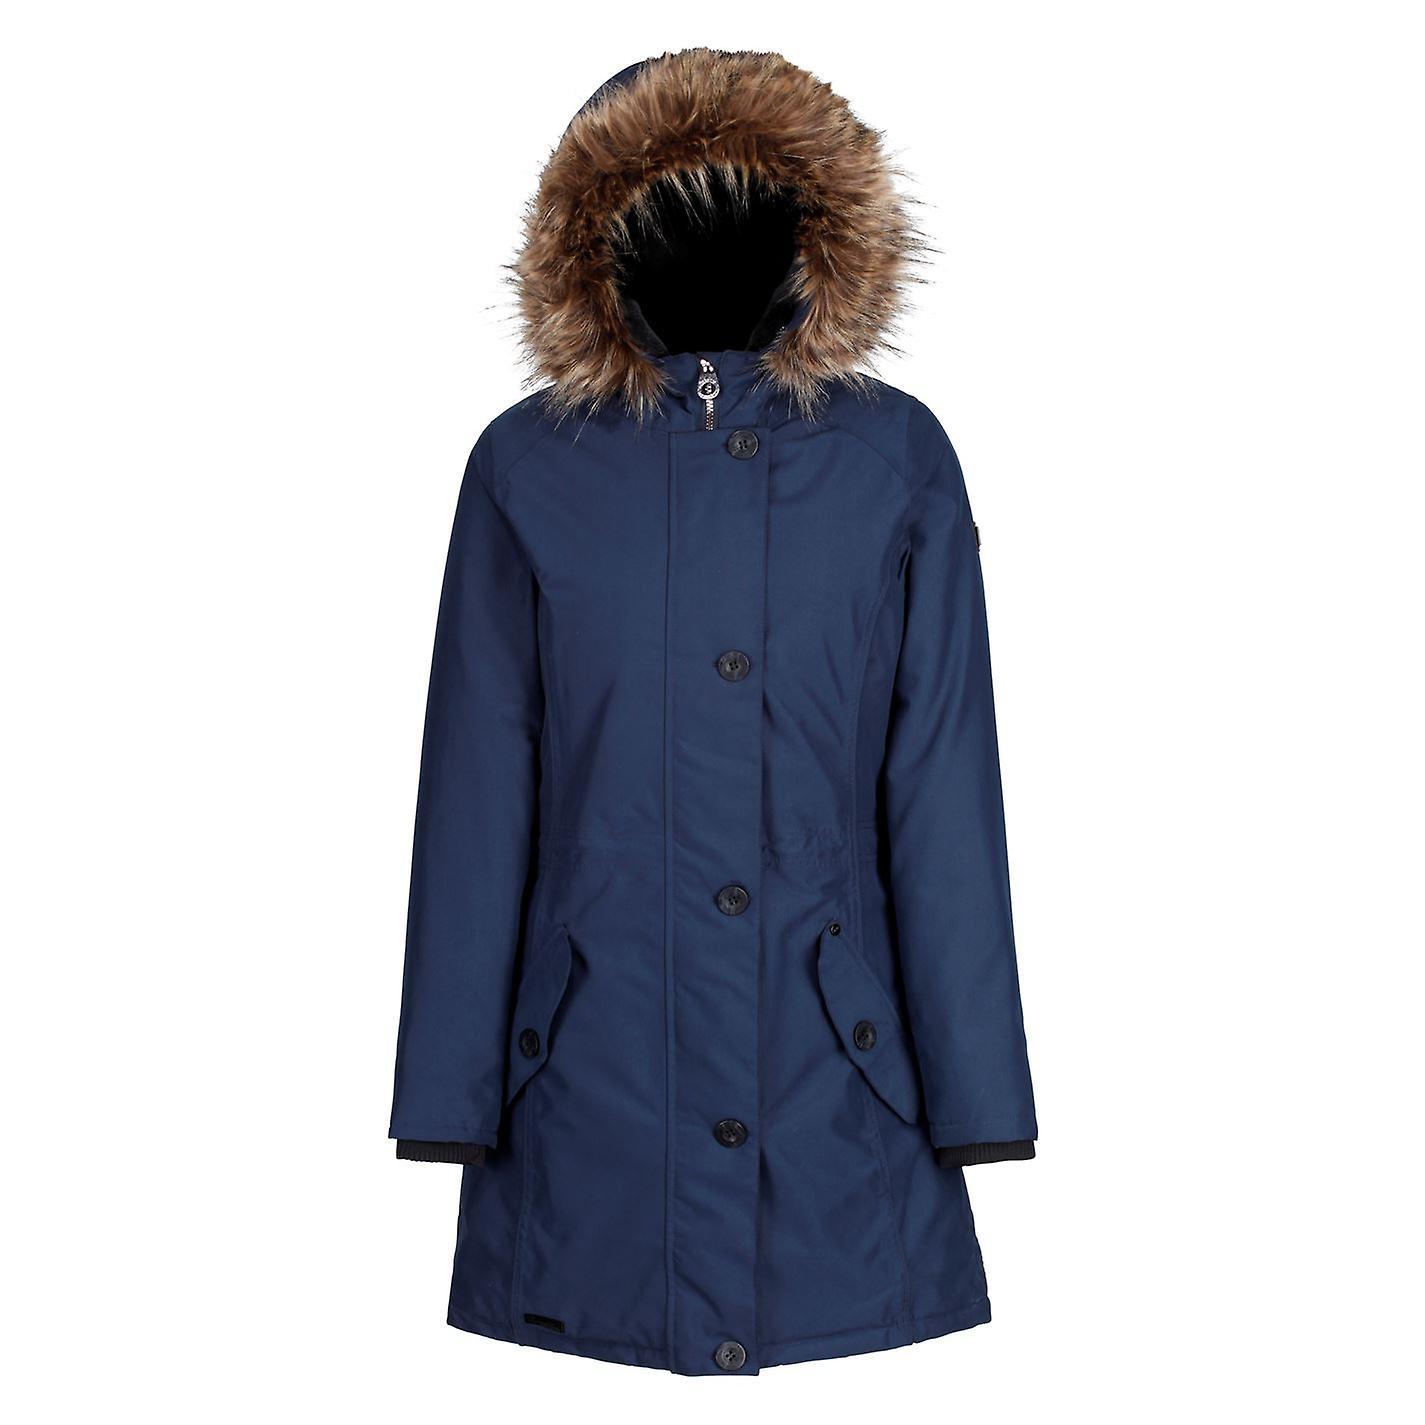 Regatta femmes Saffira InsJk Parka Jacket Coat Top